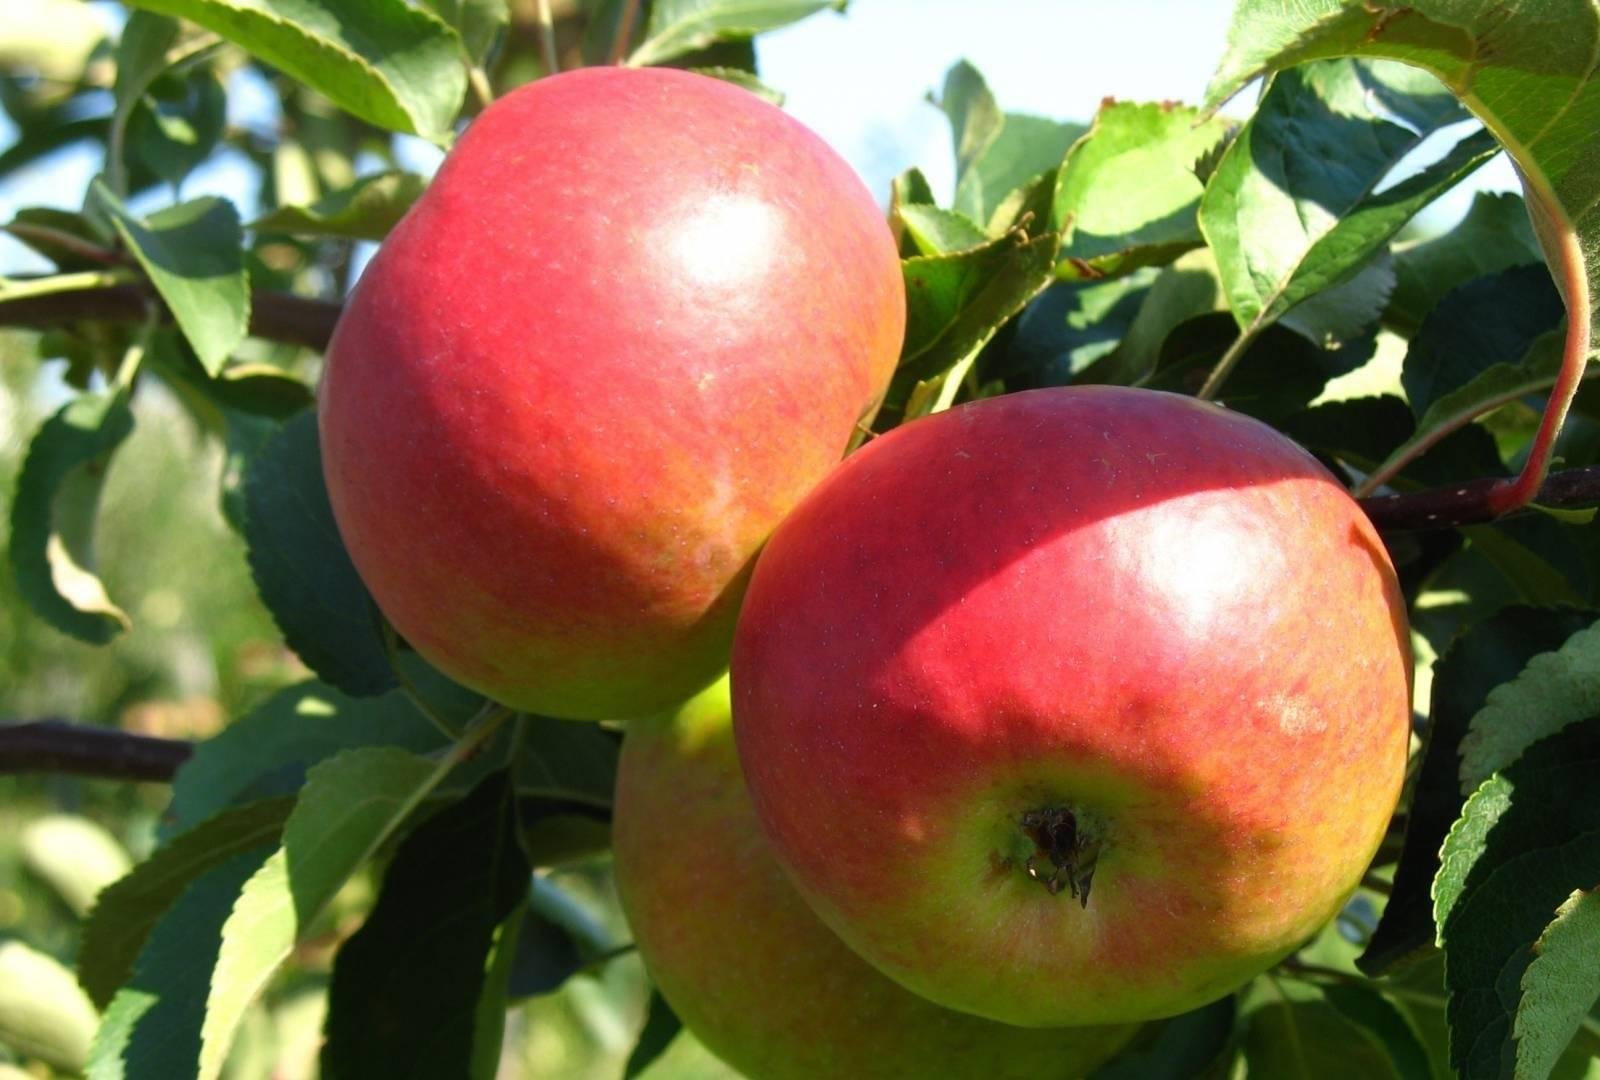 Яблоня жигулевское: подробное описание сорта, отзывы, фото